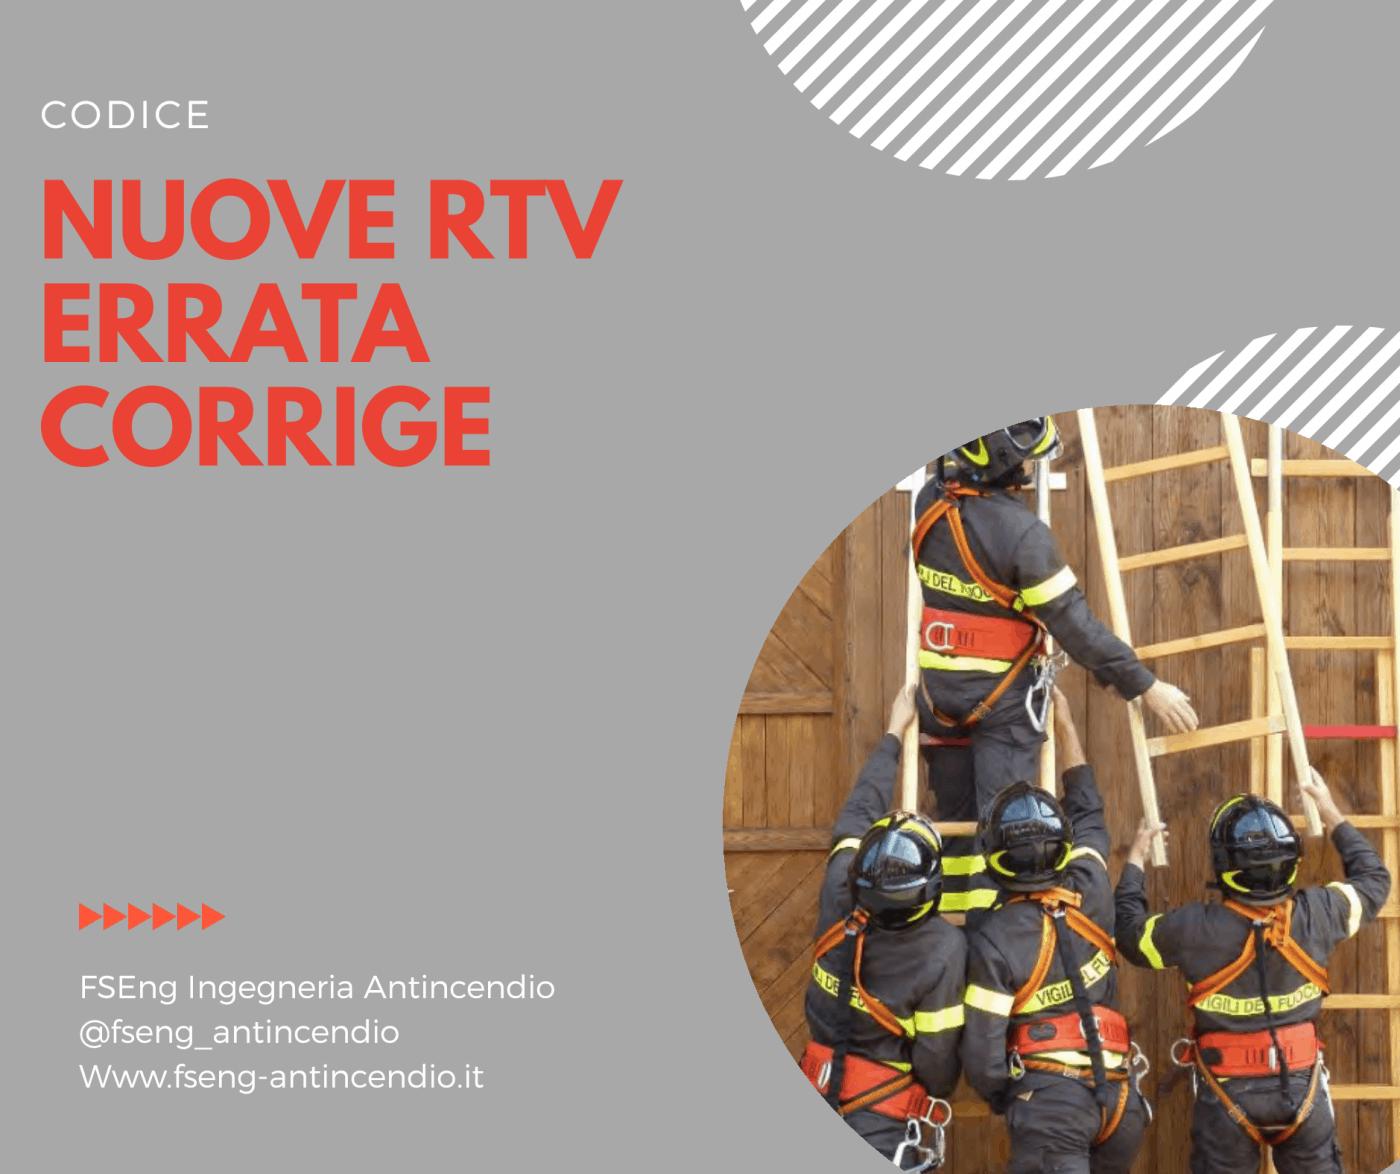 Aggiornamento RTV in vigore: errata corrige. DM 06.04.2020